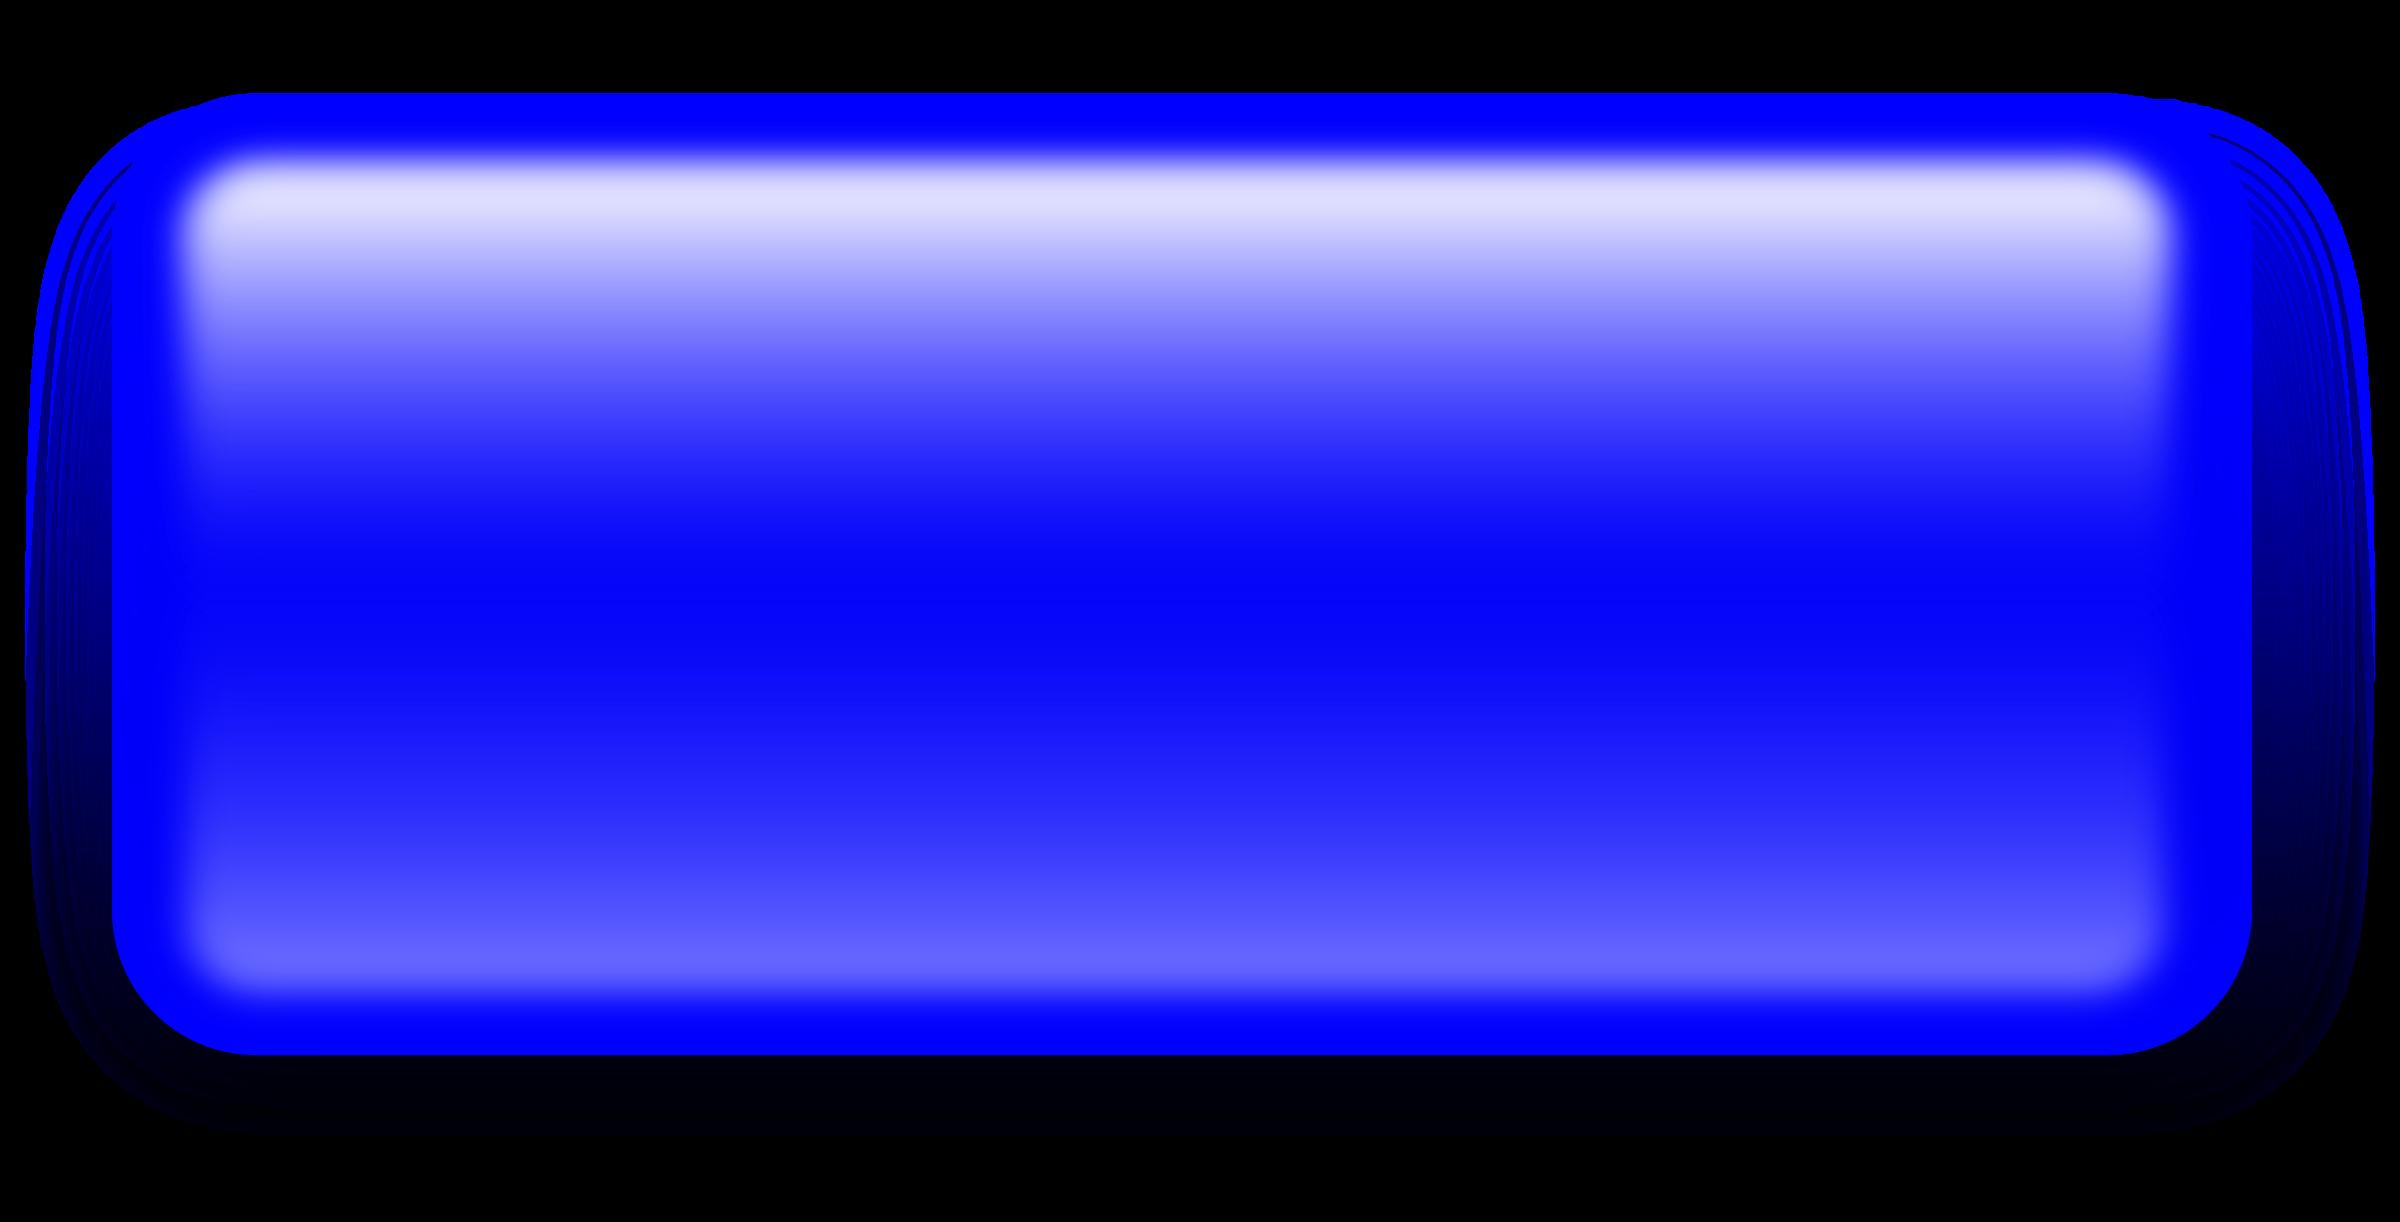 15 Blue 3D Button Icon.png Images